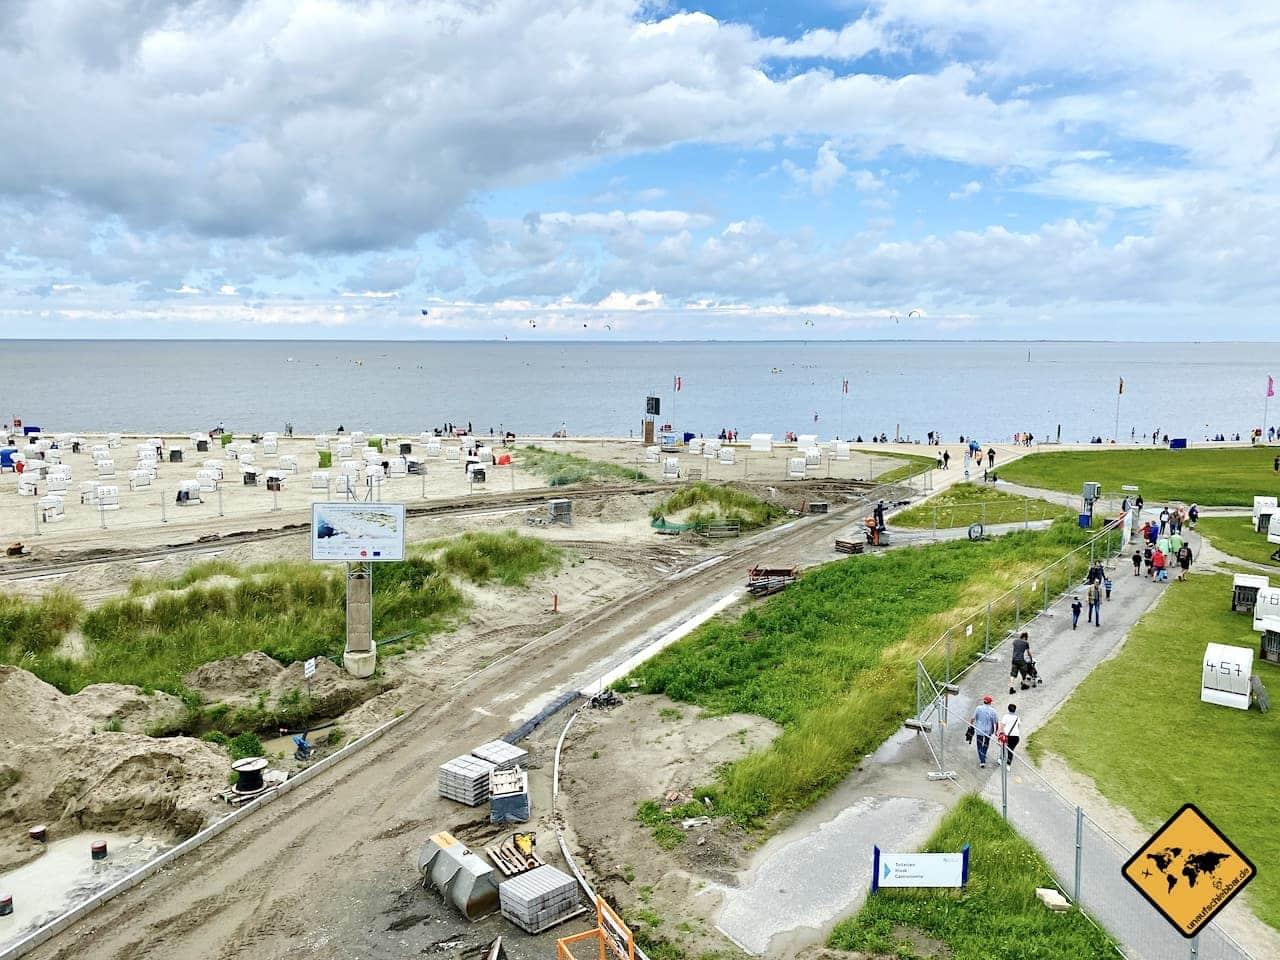 Baustelle Strand Norddeich 2021